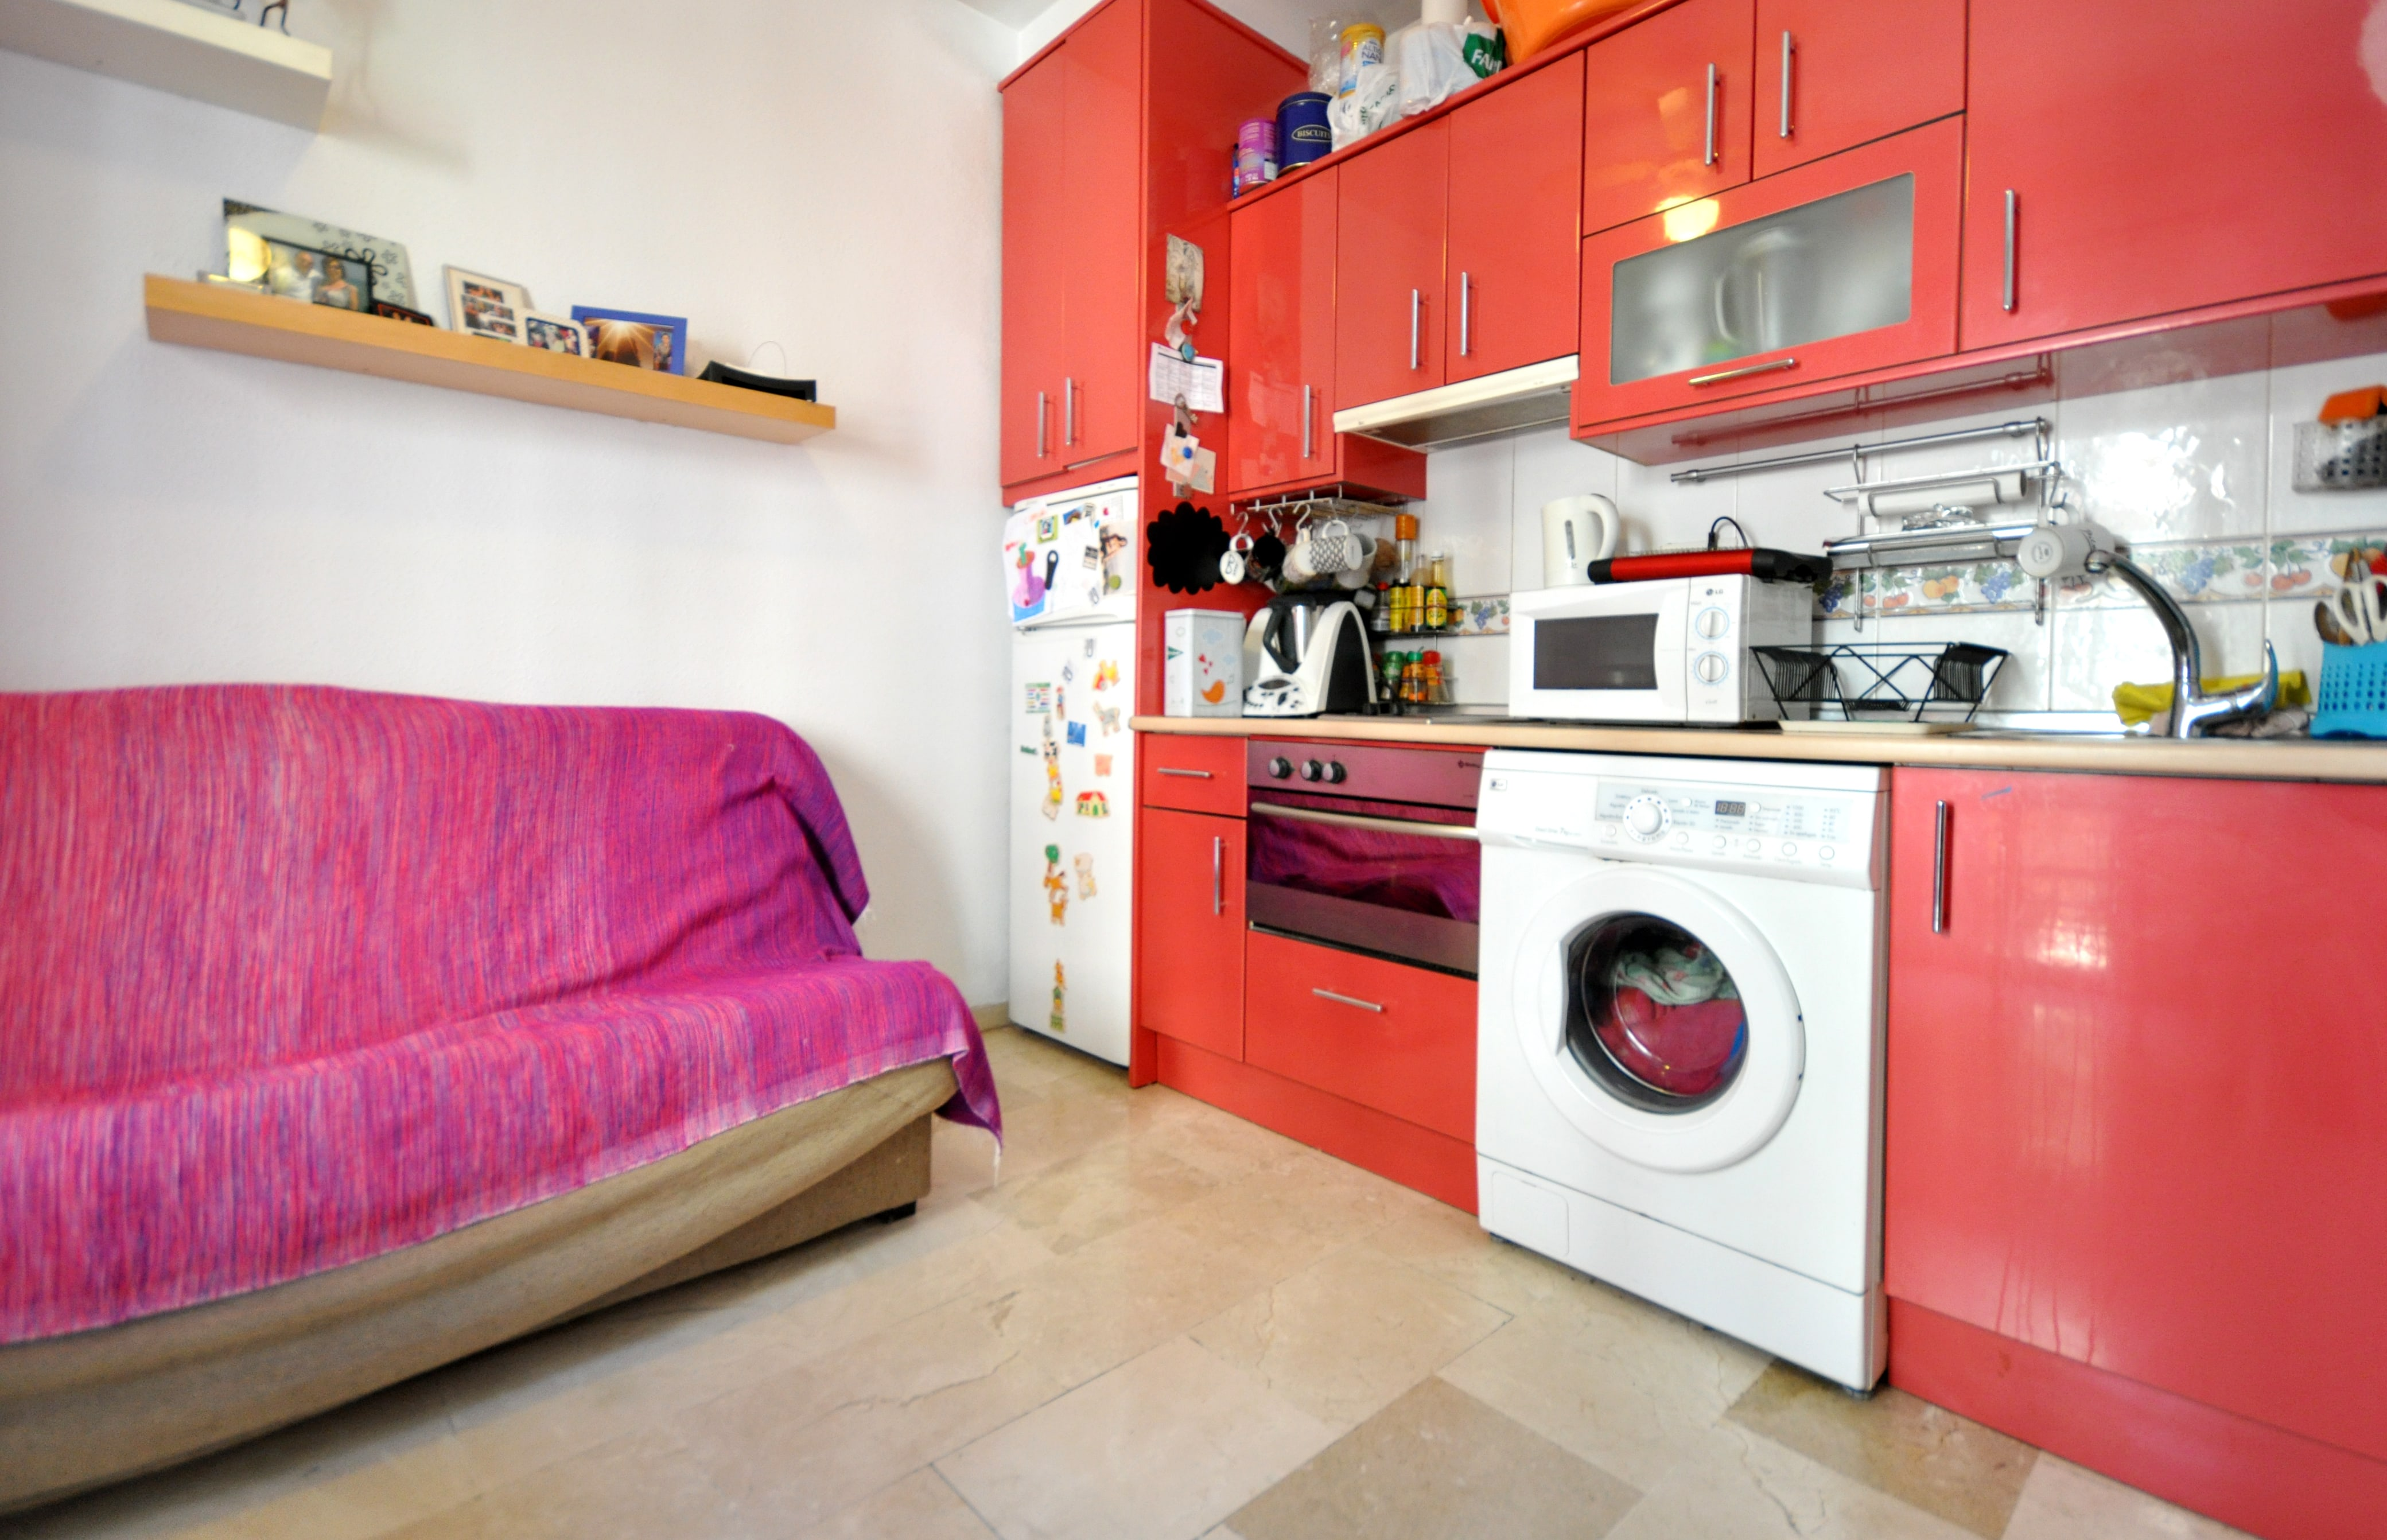 Comprar vivienda en malaga agencia paco en castrillon for Agencias de alquiler de pisos